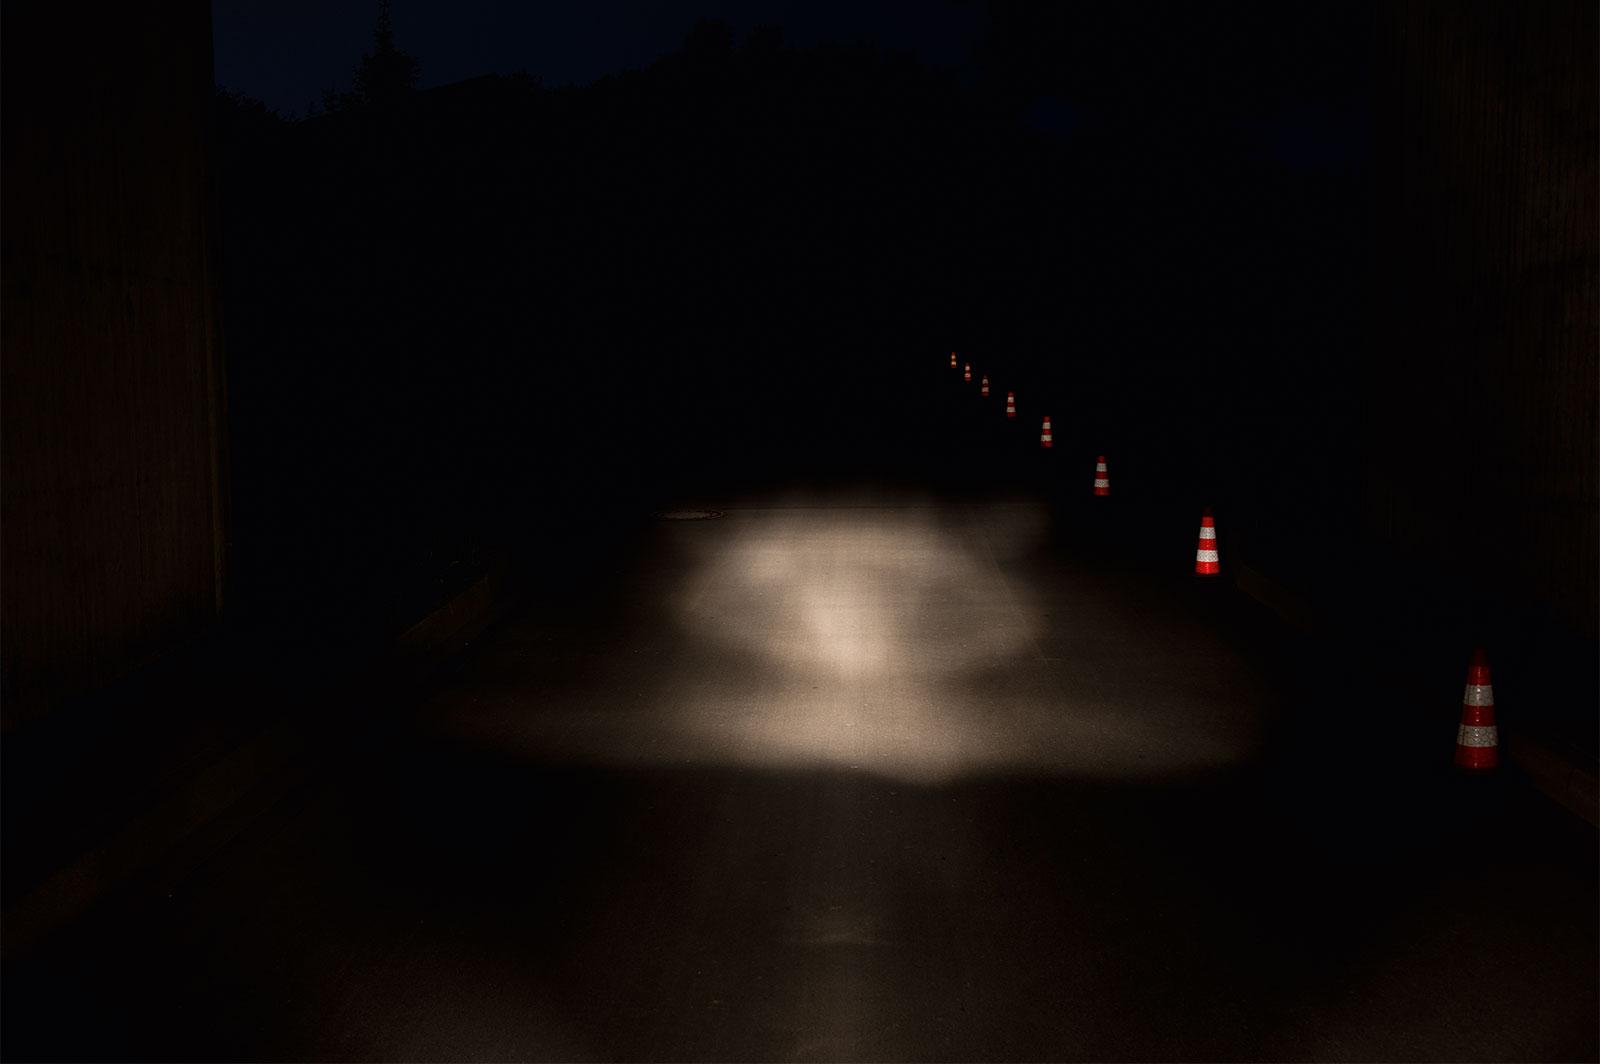 e-Bike Beleuchtung mit einer Lichtmenge von 10 LUX